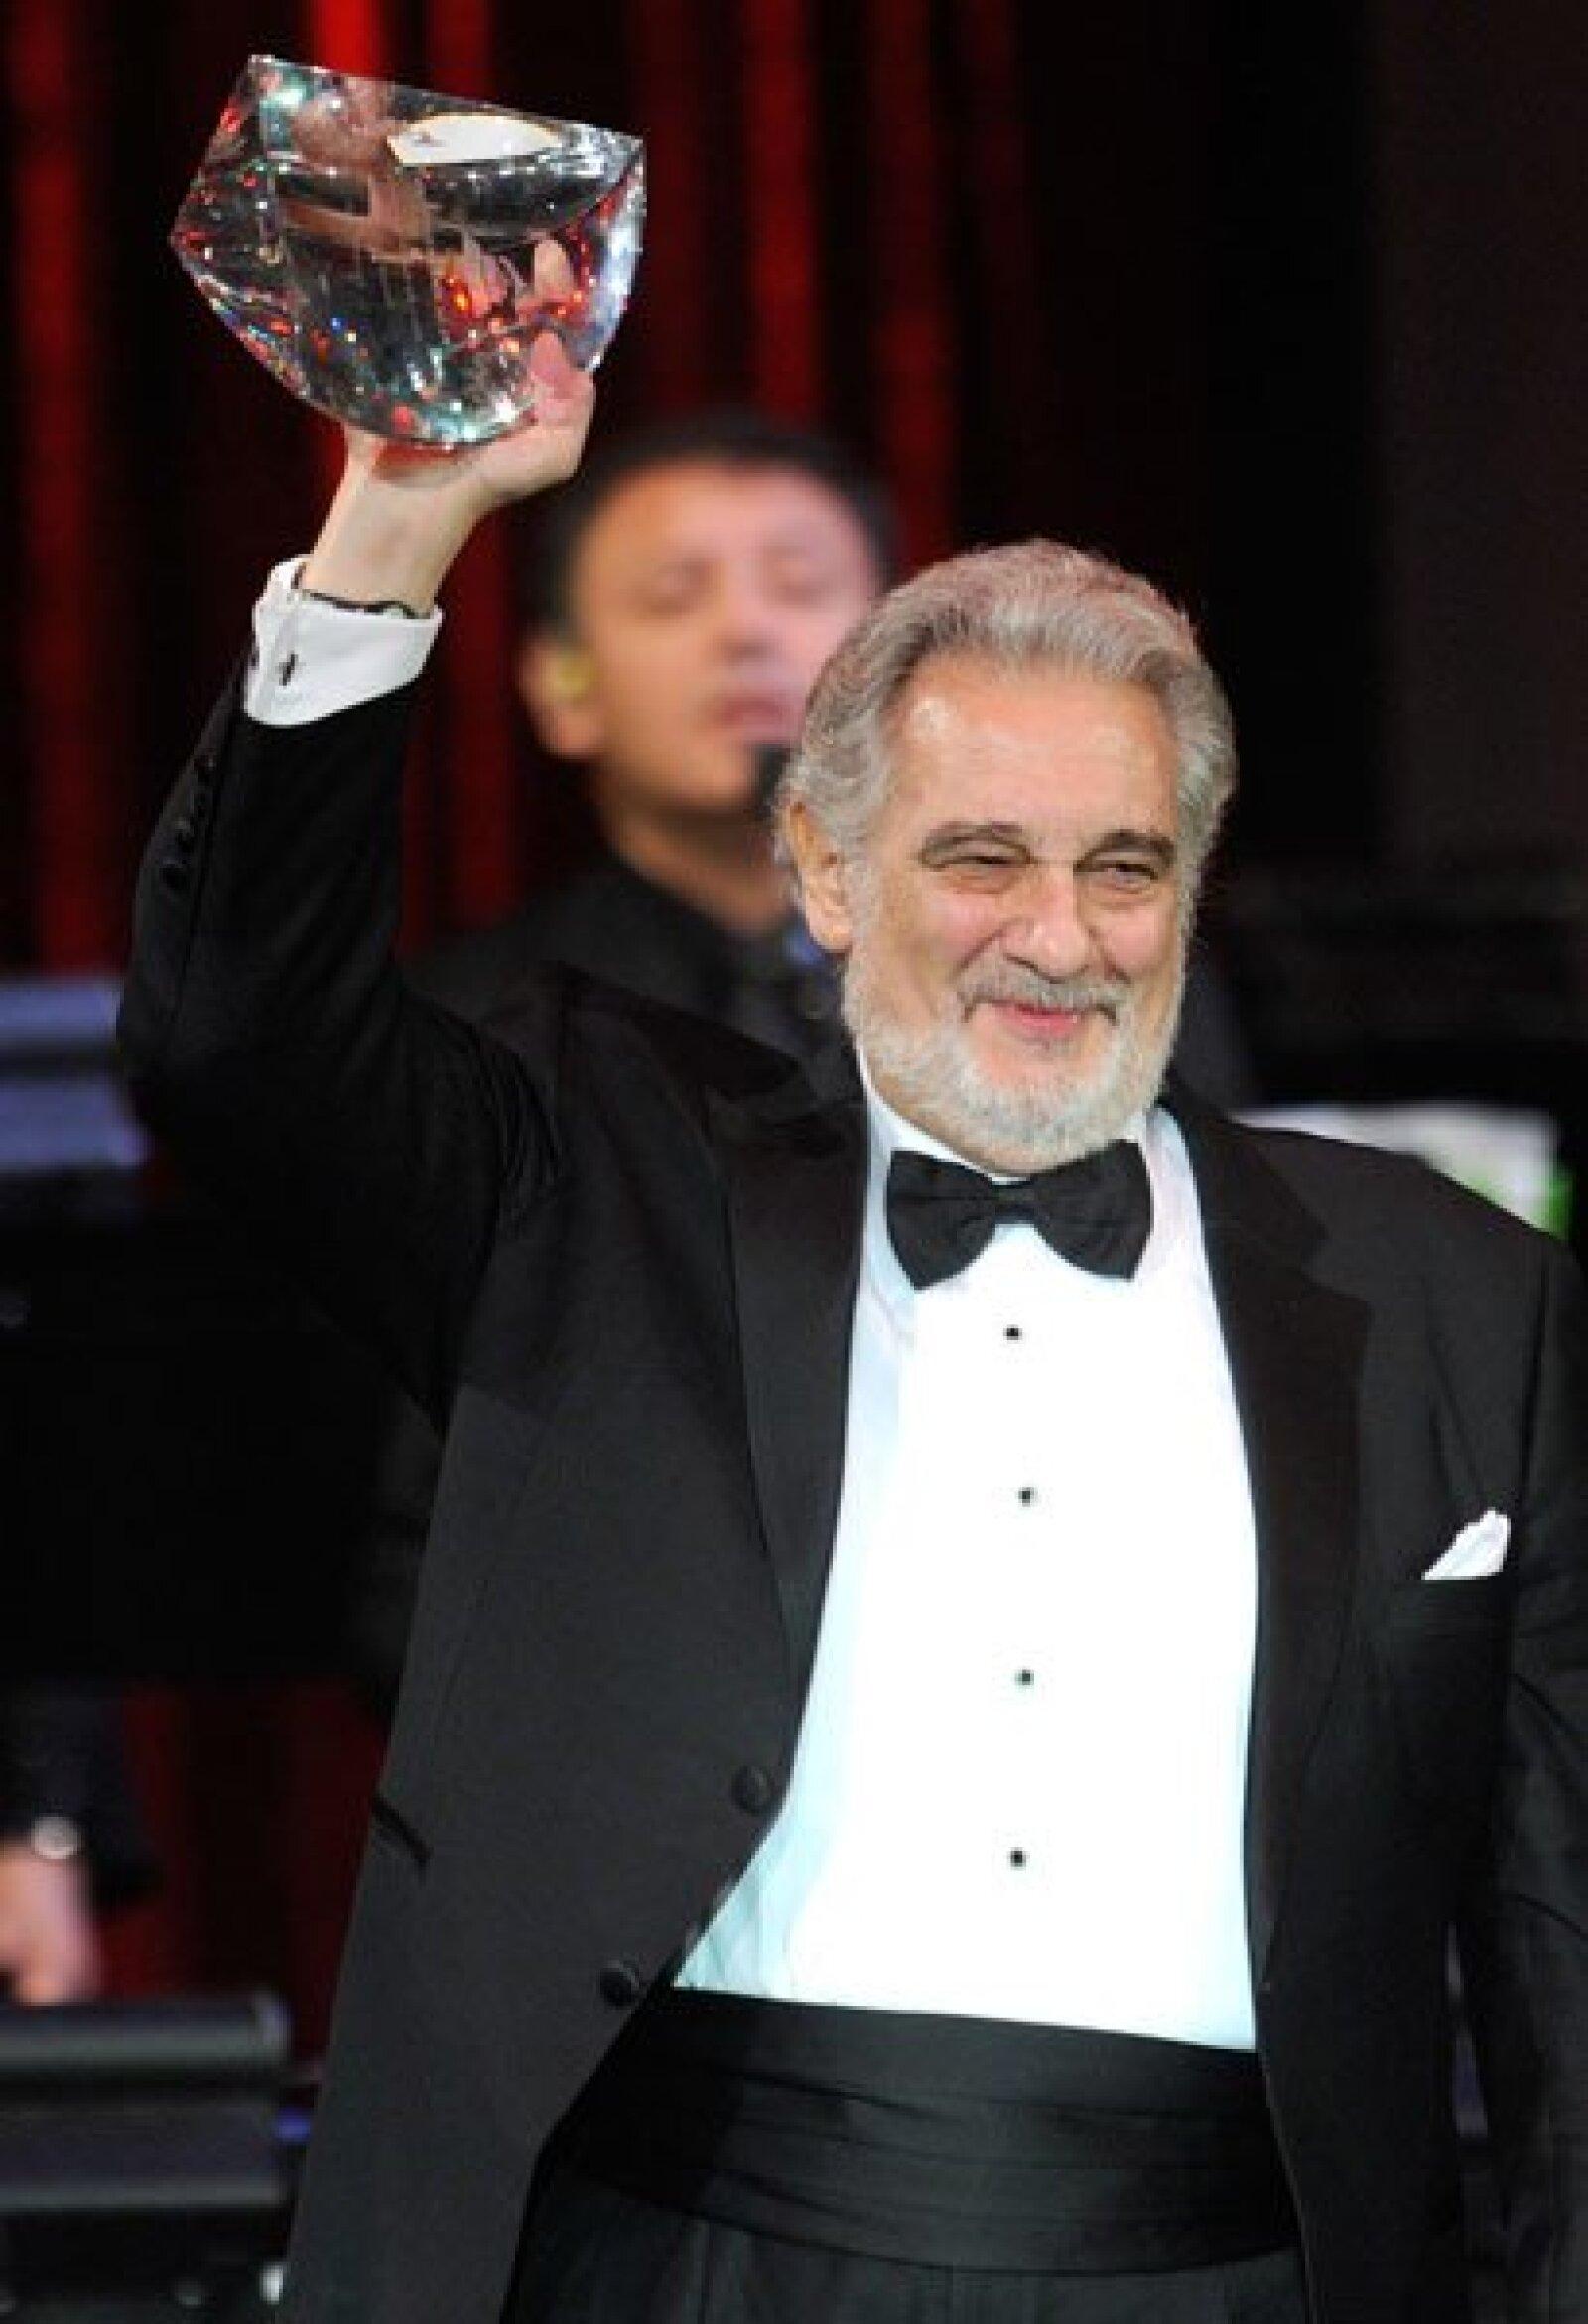 Plácido Domingo festenjando su reconocimiento.